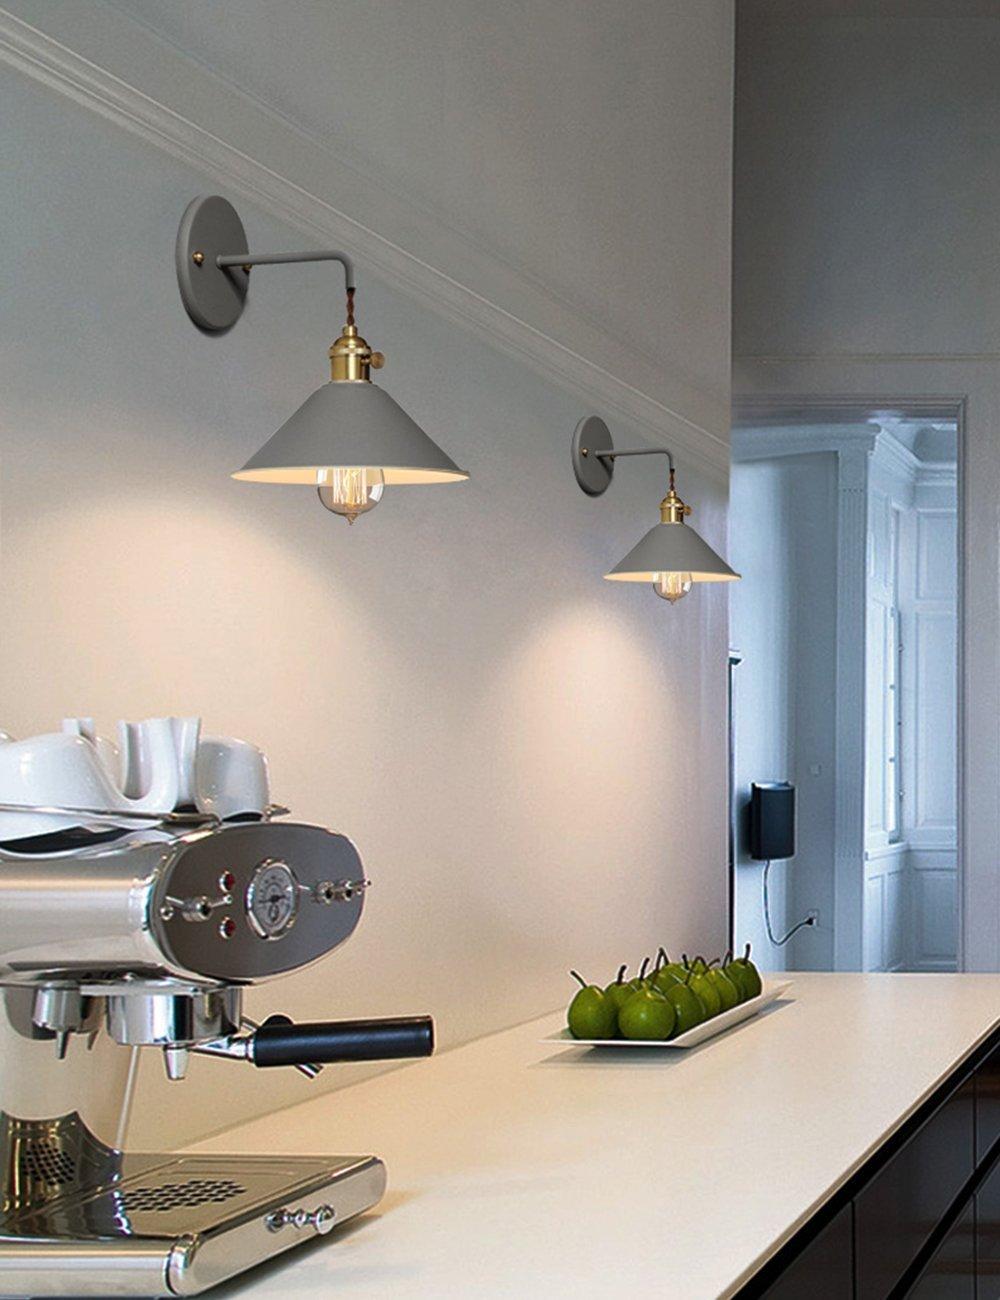 Industriale lampada da parete Applique da Parete Metallo Vintage Applique Industrial lampada a corridoio Retro applique lampade per illuminazione da parete